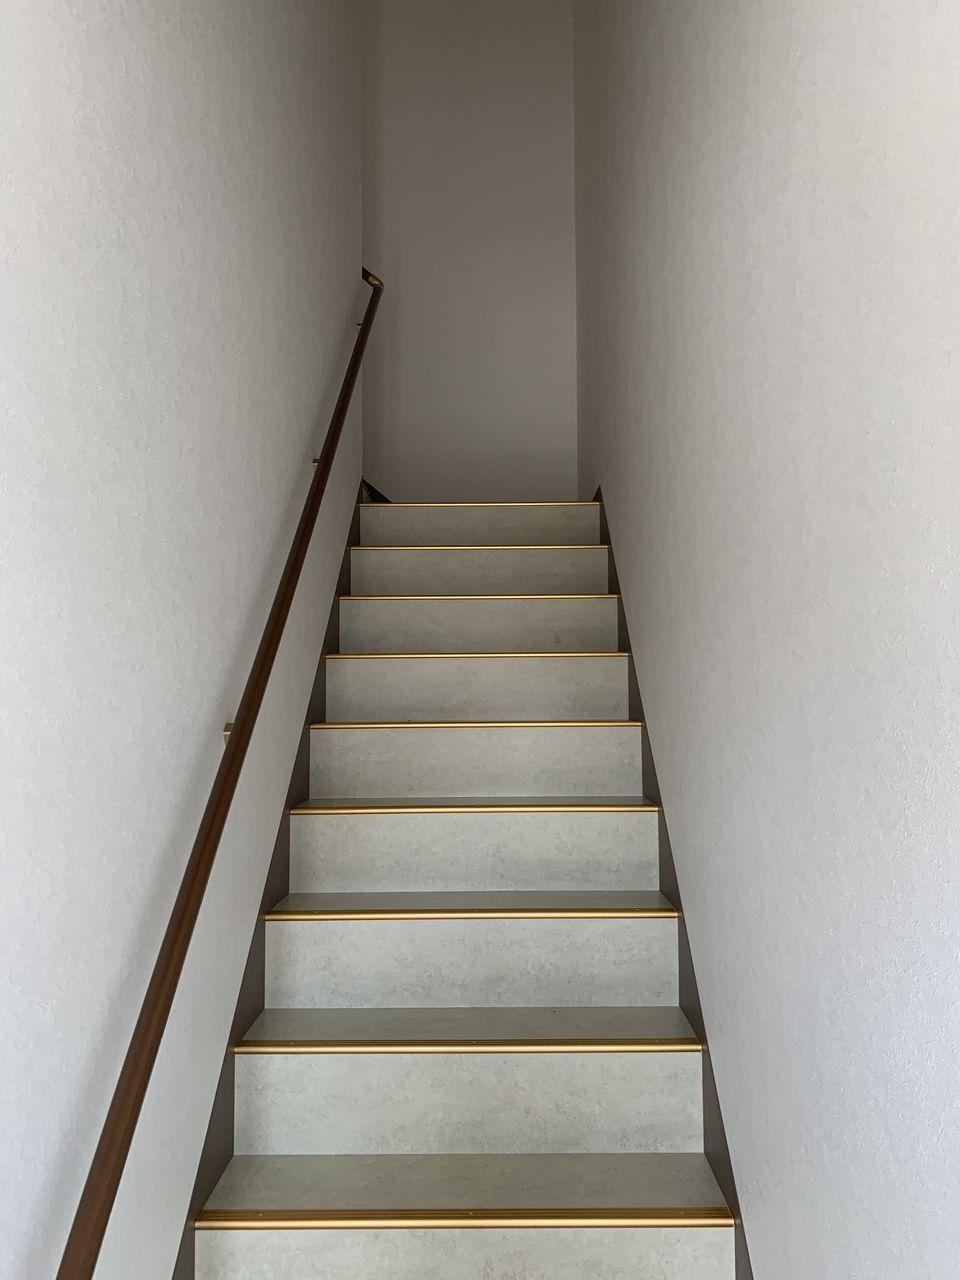 1階倉庫のシャッター横の扉から2階への階段を利用できます。玄関と2階を繋ぐモニター付きインターホン完備。